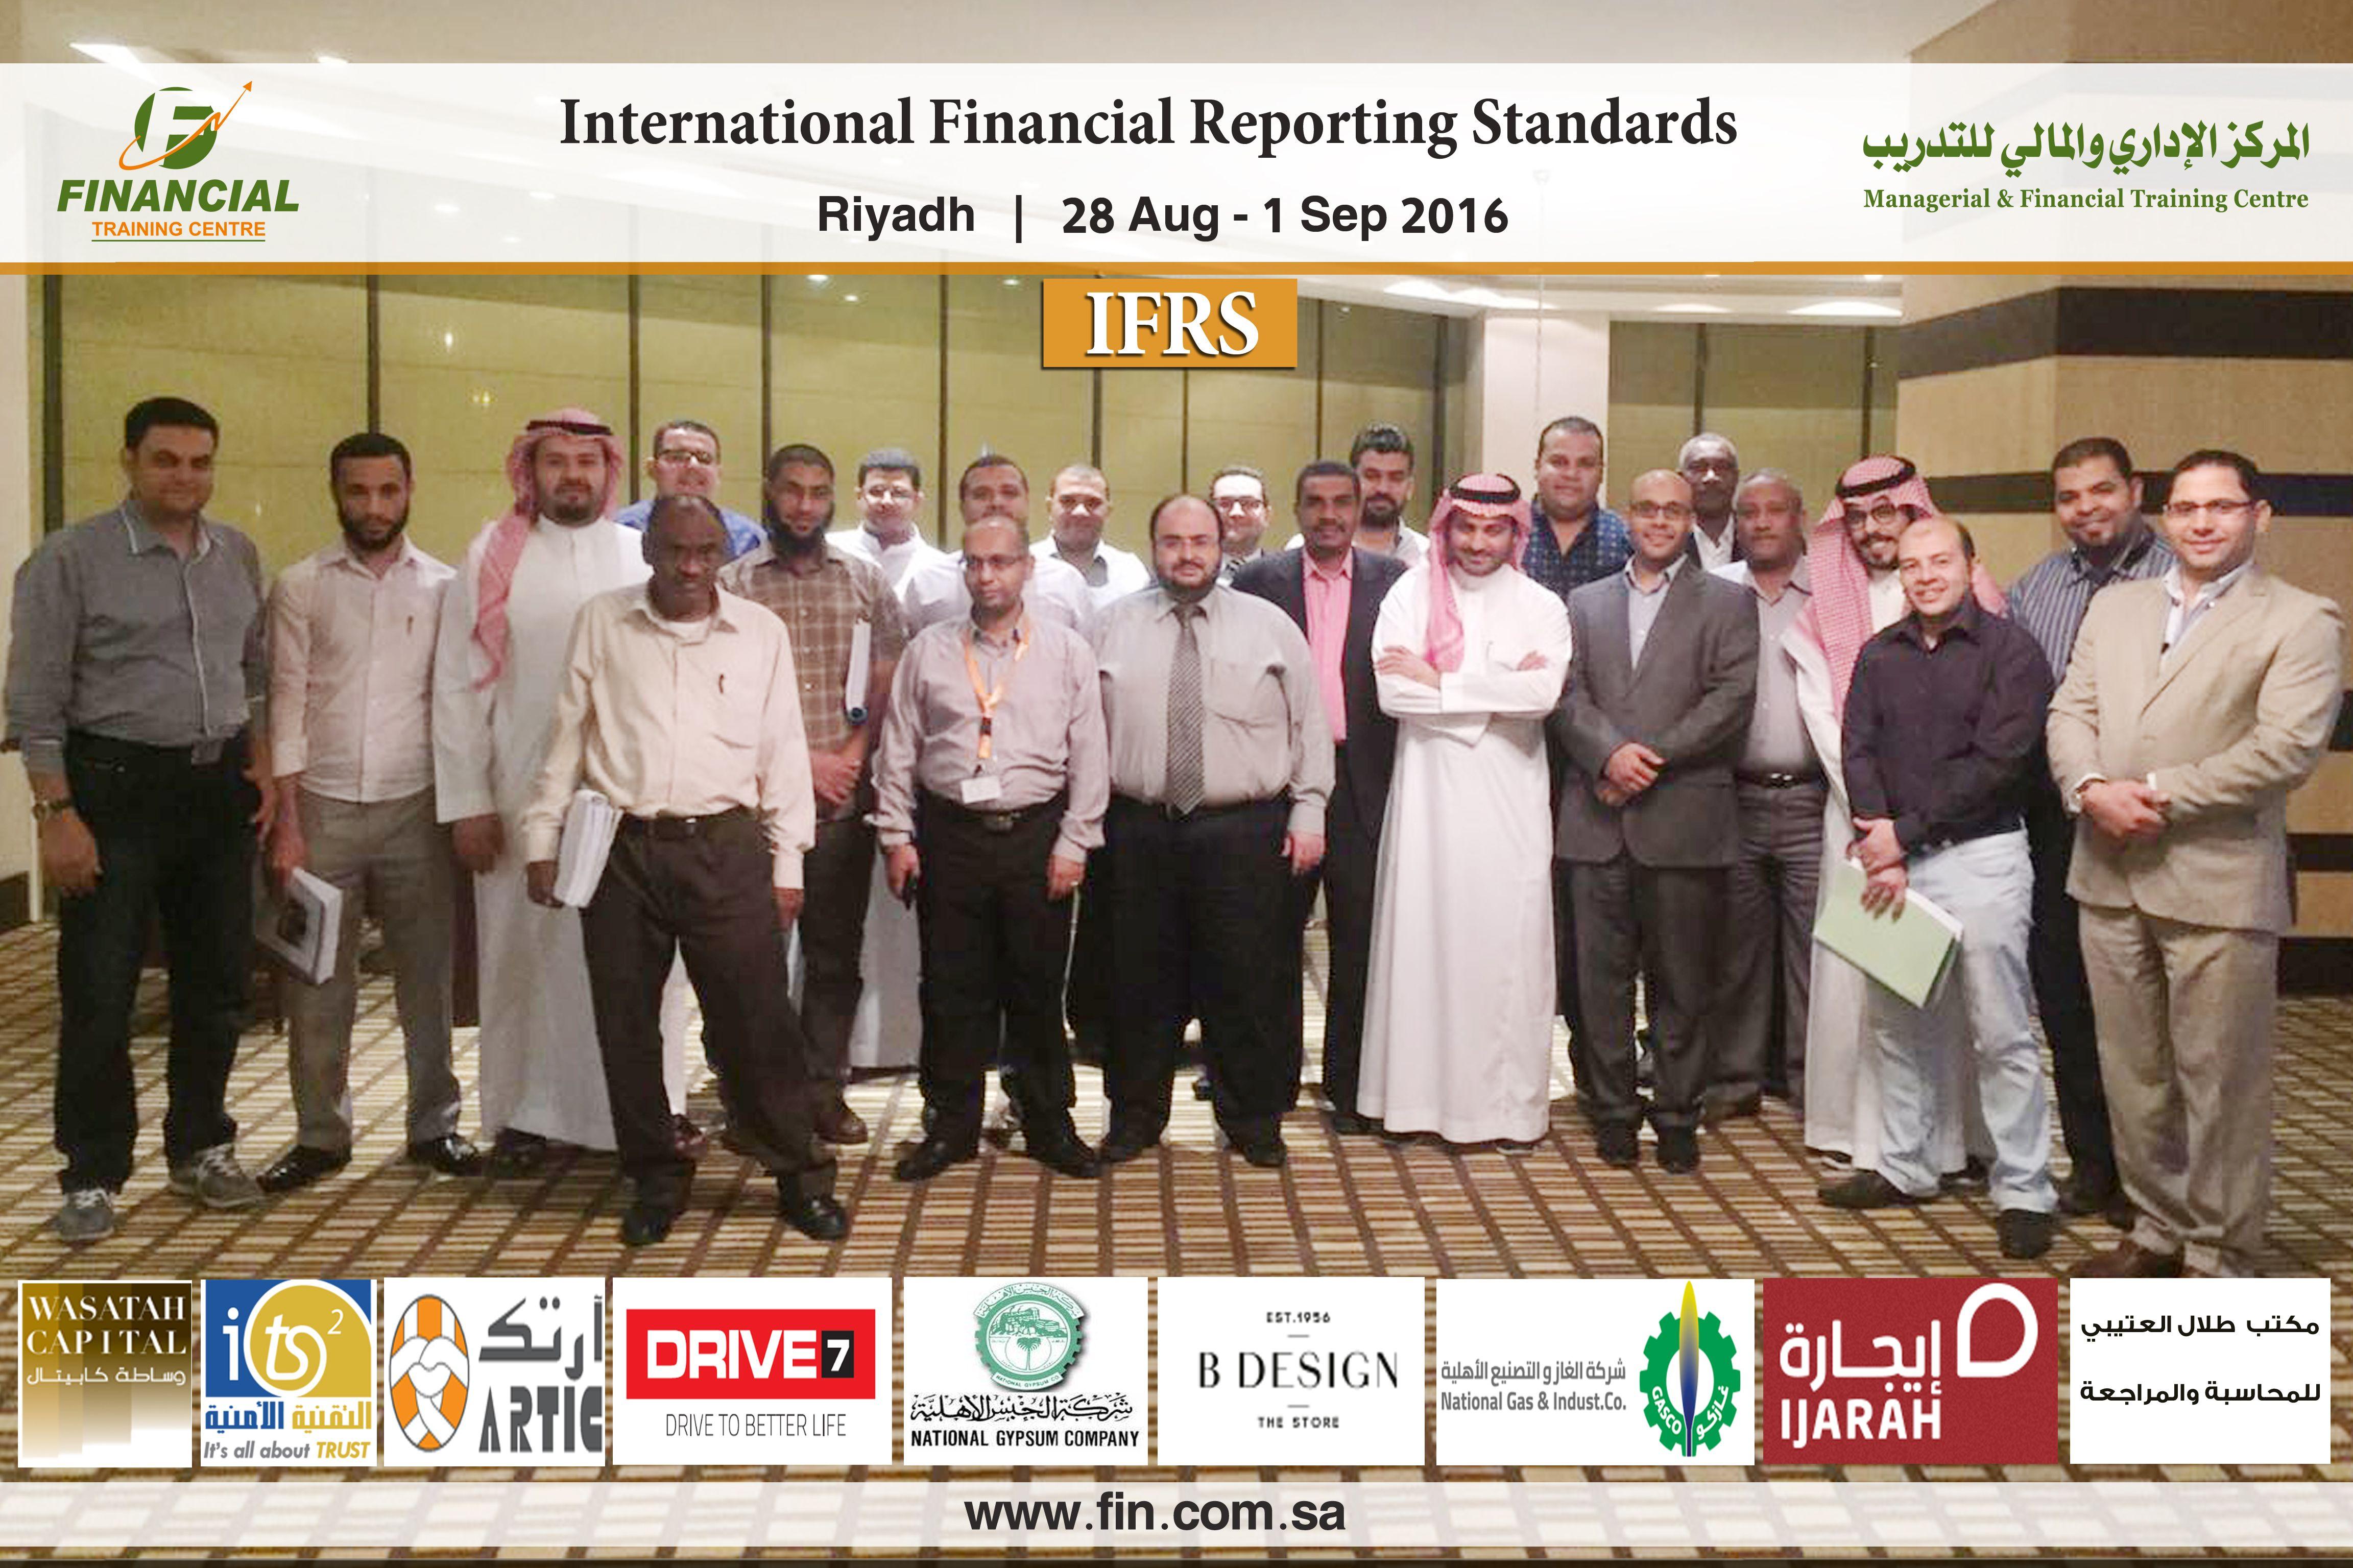 انتهت ولله الحمد بنجاح دورة معايير المحاسبة الدولية Ifrs والتي اقيمت بمدينة الرياض ولمدة 5 ايام كل الشكر للحضور والمشاركين وال Training Center Asa Riyadh